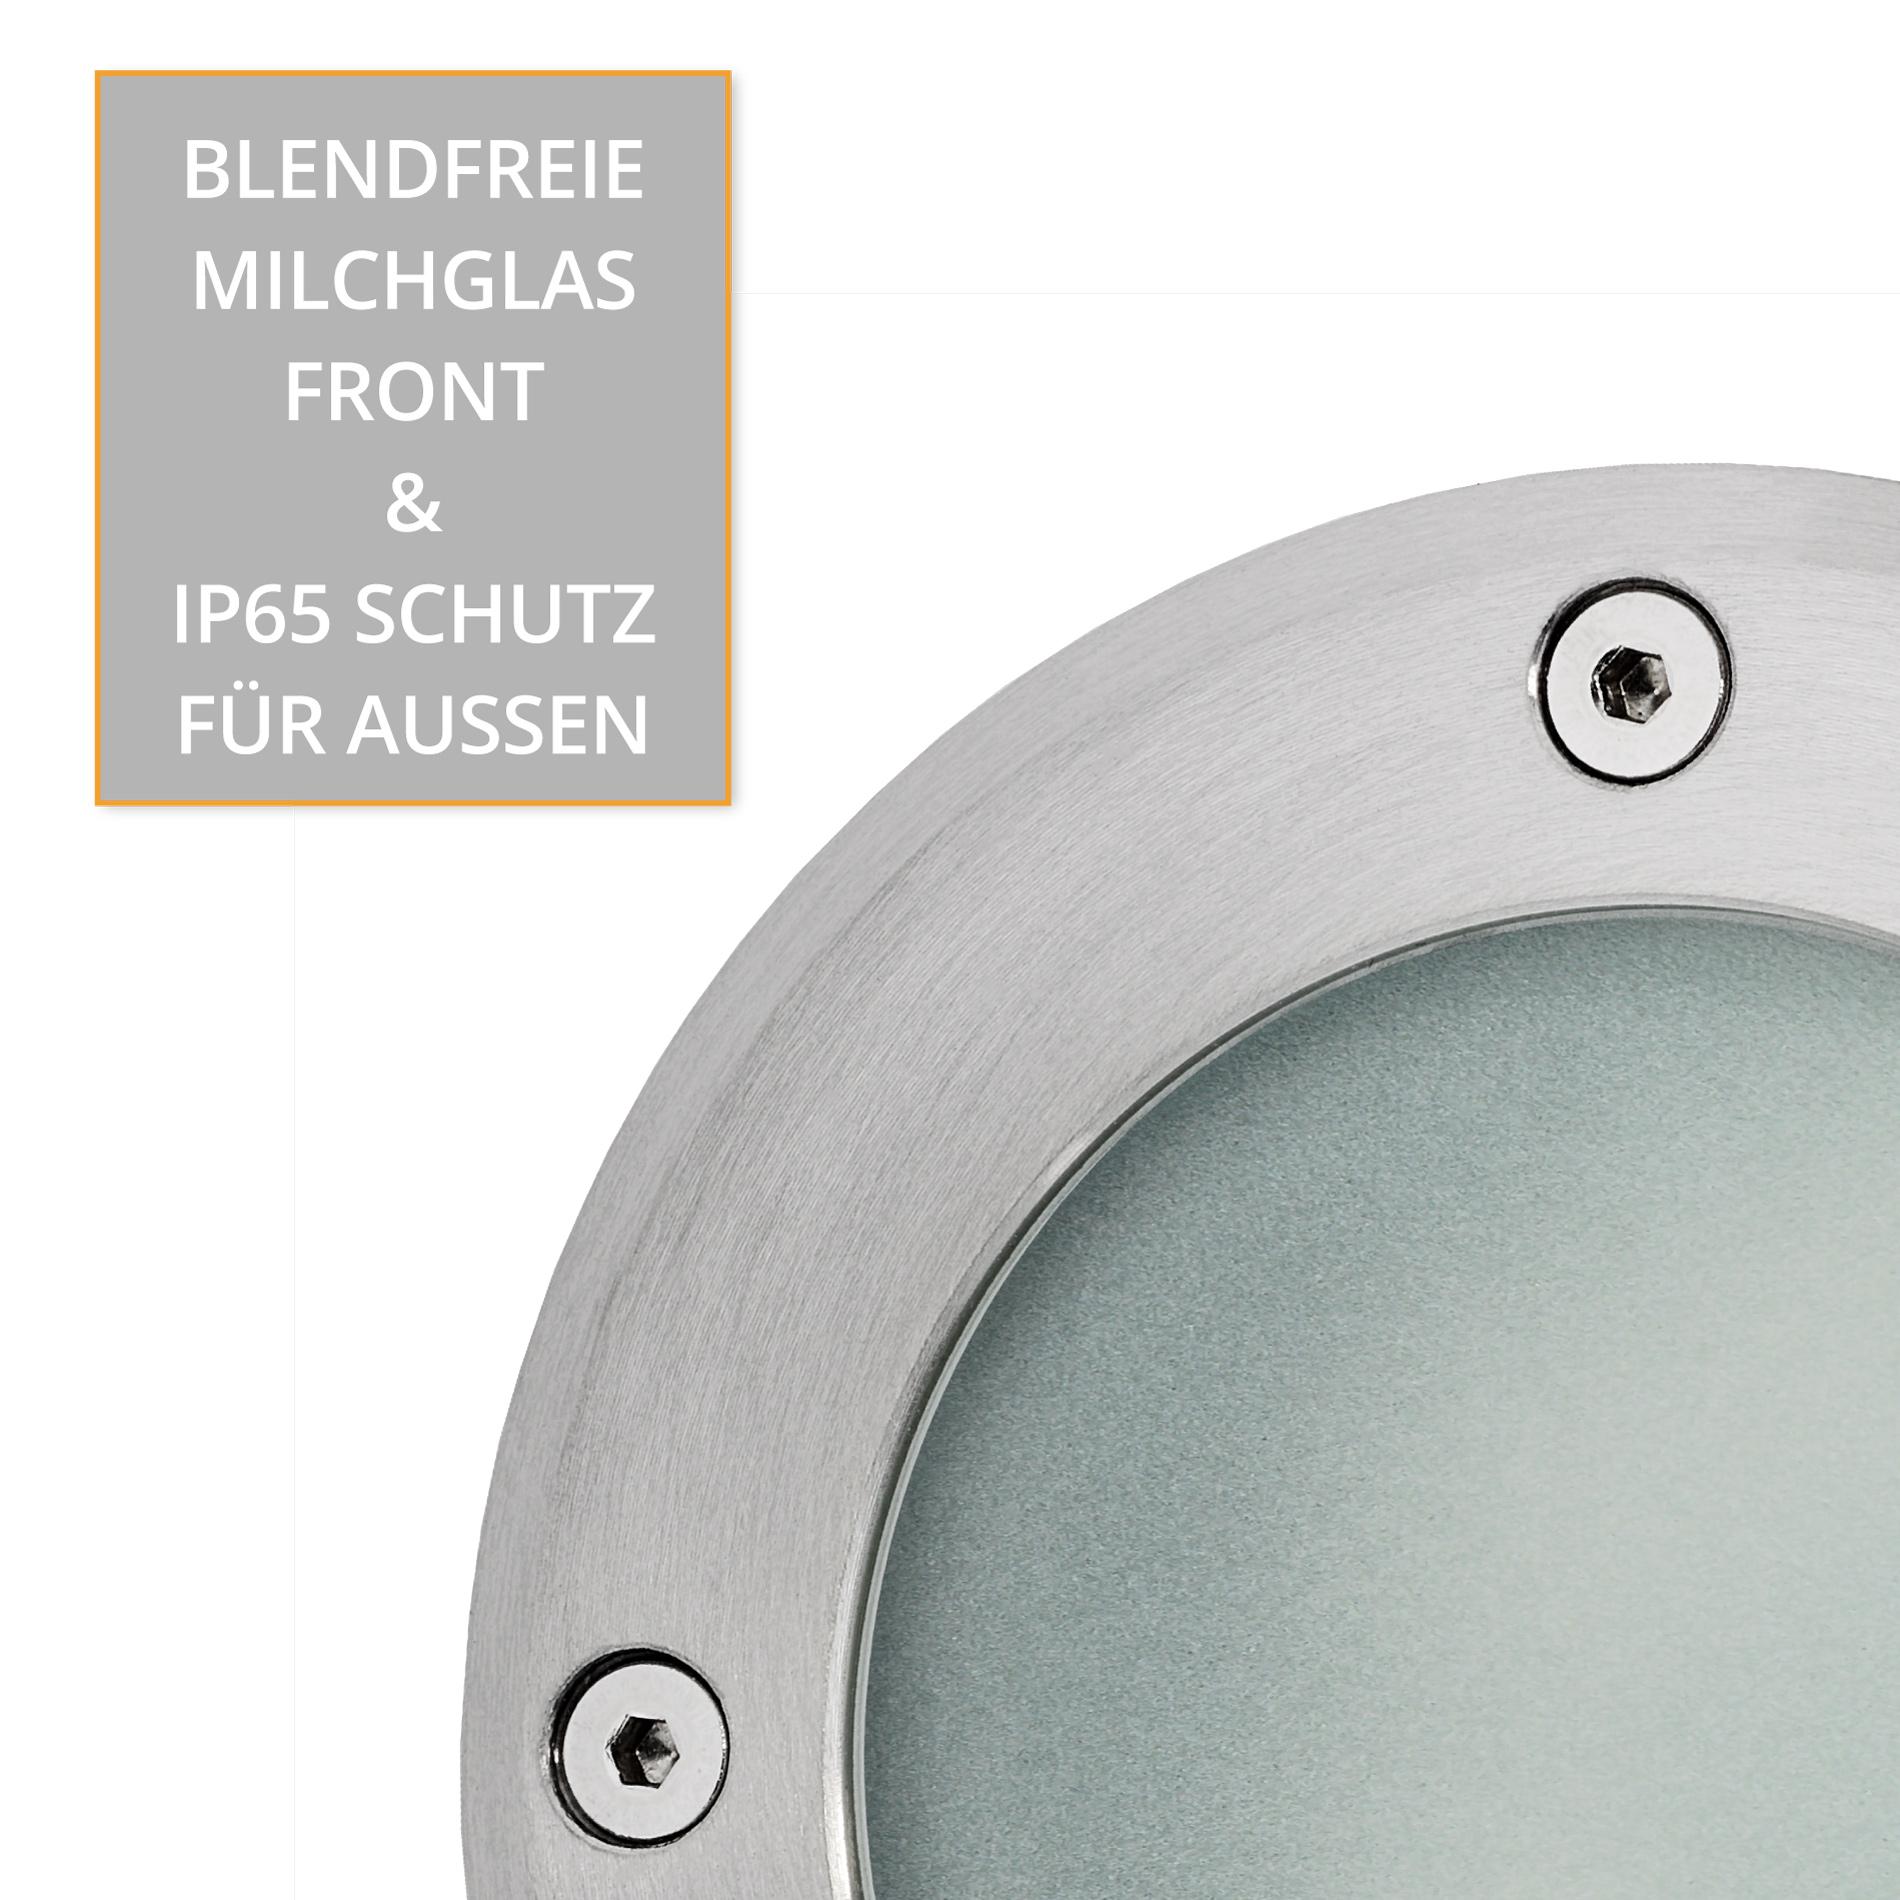 3er Set VISKOS Bodeneinbaustrahler dimmbar rund mit LED GX53 4,5W dim warmweiß